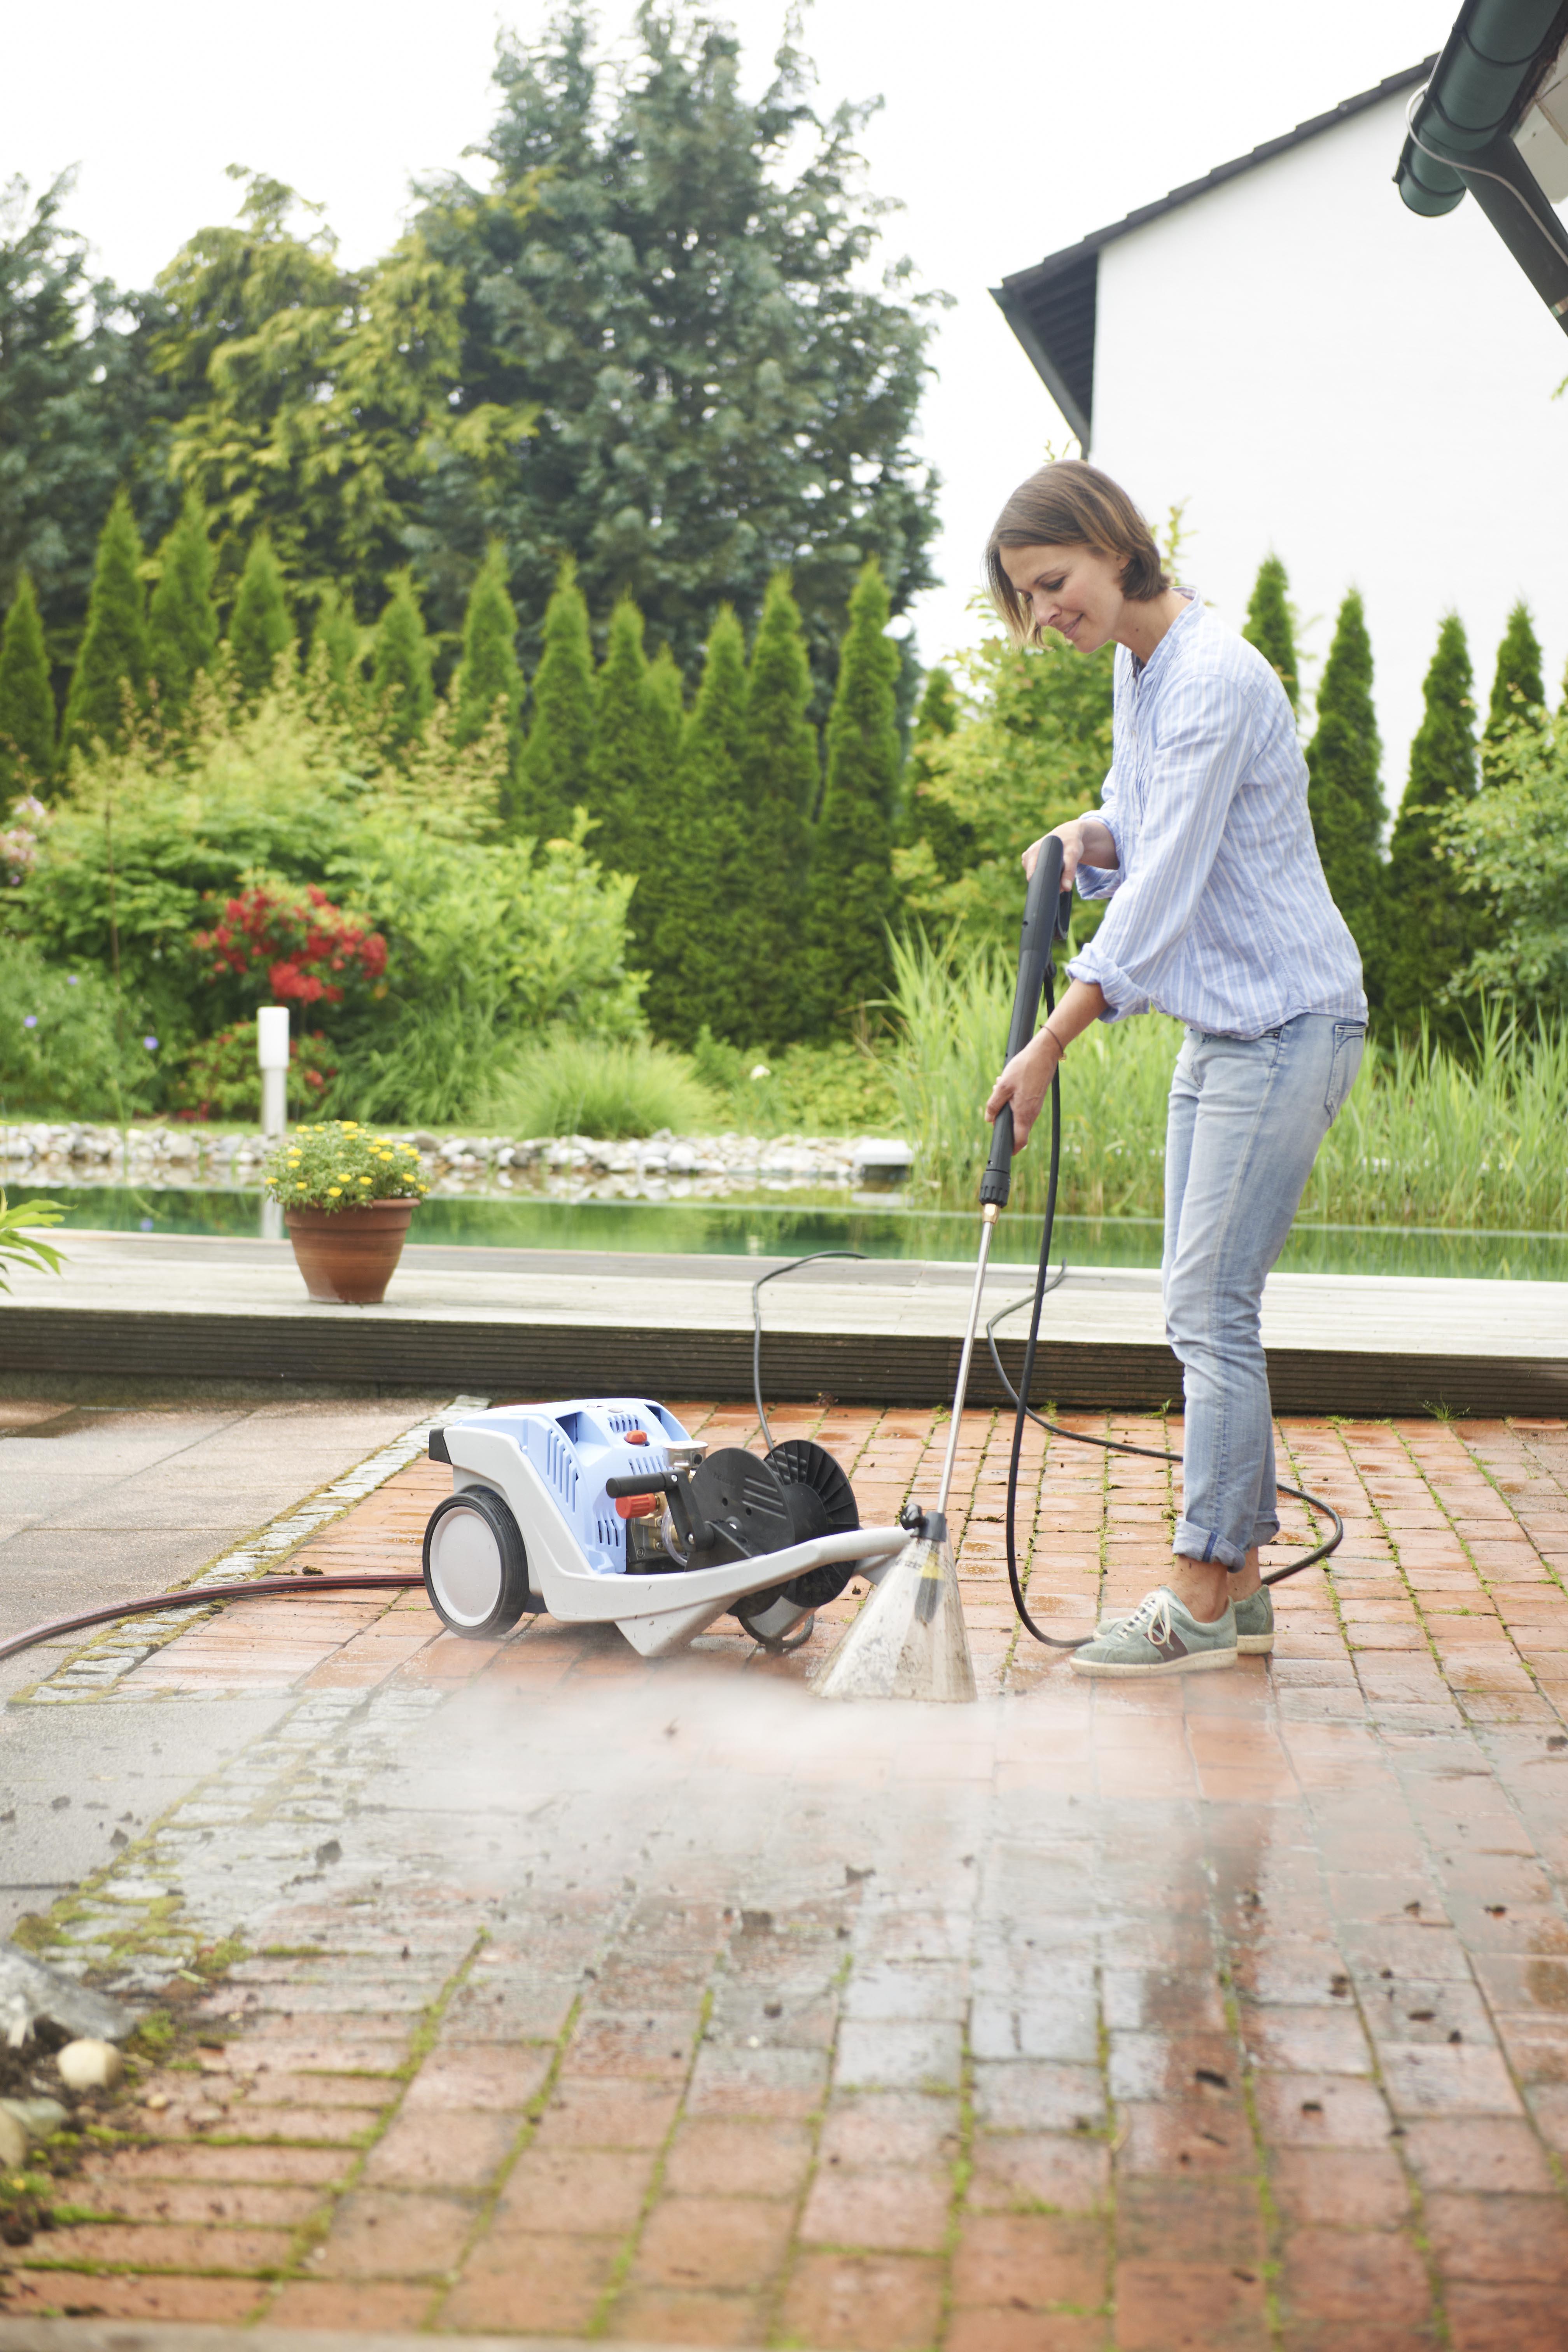 Hoe hou ik mijn terras schoon zonder moeite kr nzle - Hoe dicht terras ...